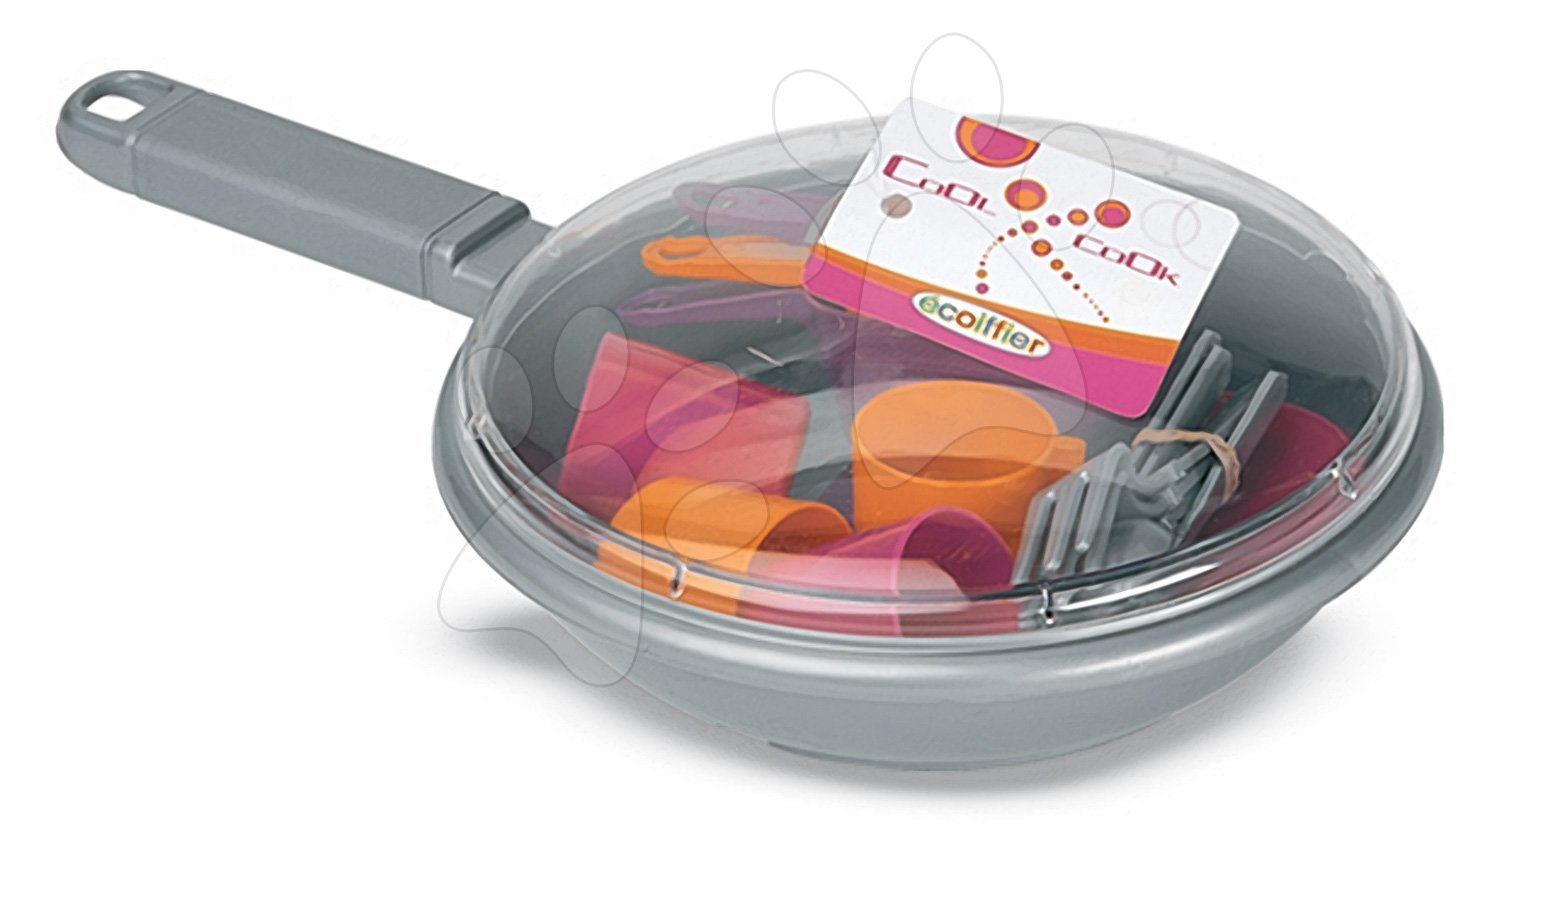 Nádobí a doplňky do kuchyňky - Pánev s nádobím Bubble Cook Écoiffier s 18 doplňky růžová od 18 měsíců